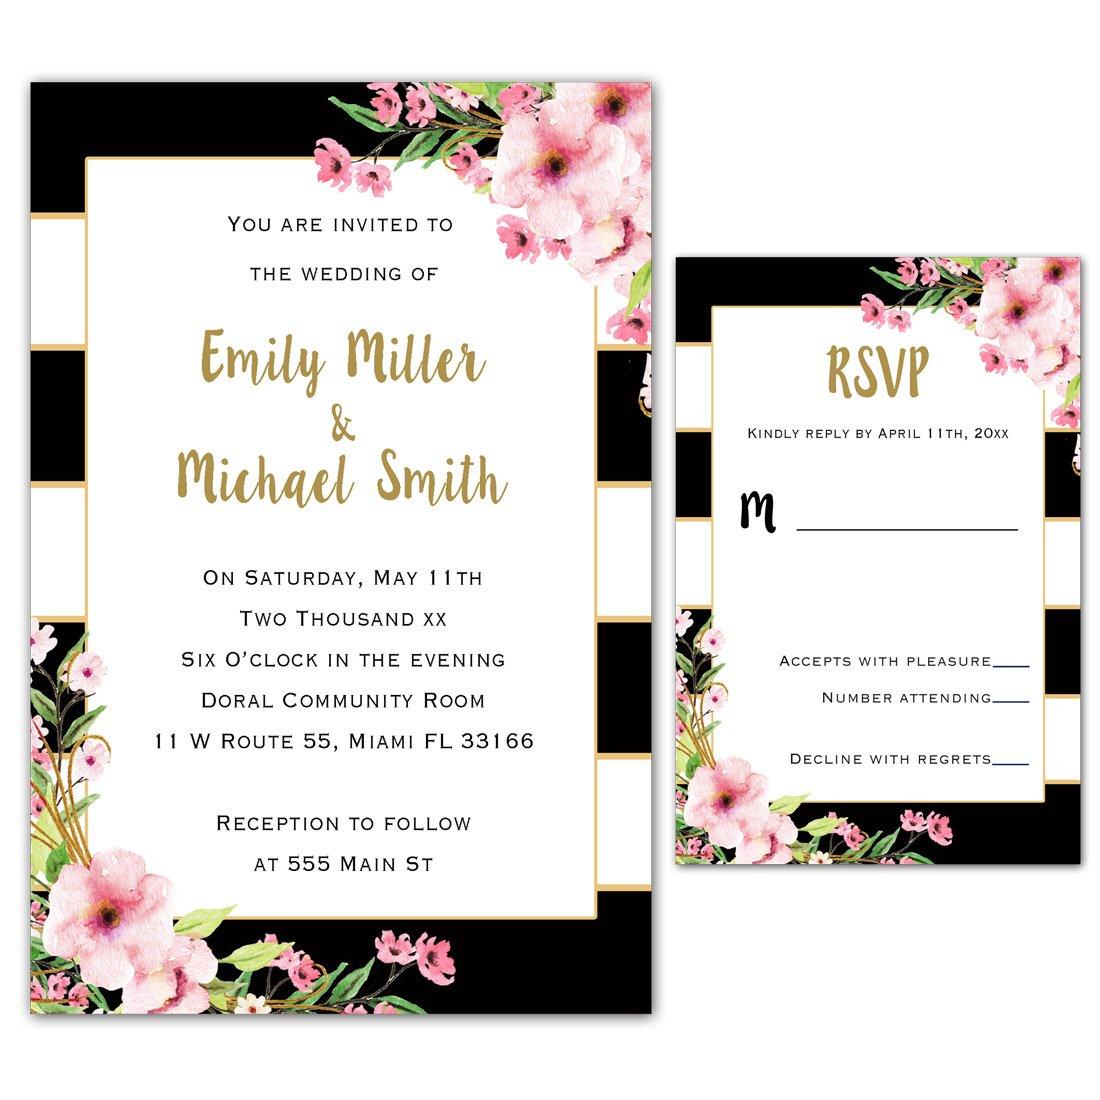 100 Wedding Invitations Gold Black Pink Floral Design + Envelopes + Response Cards Set